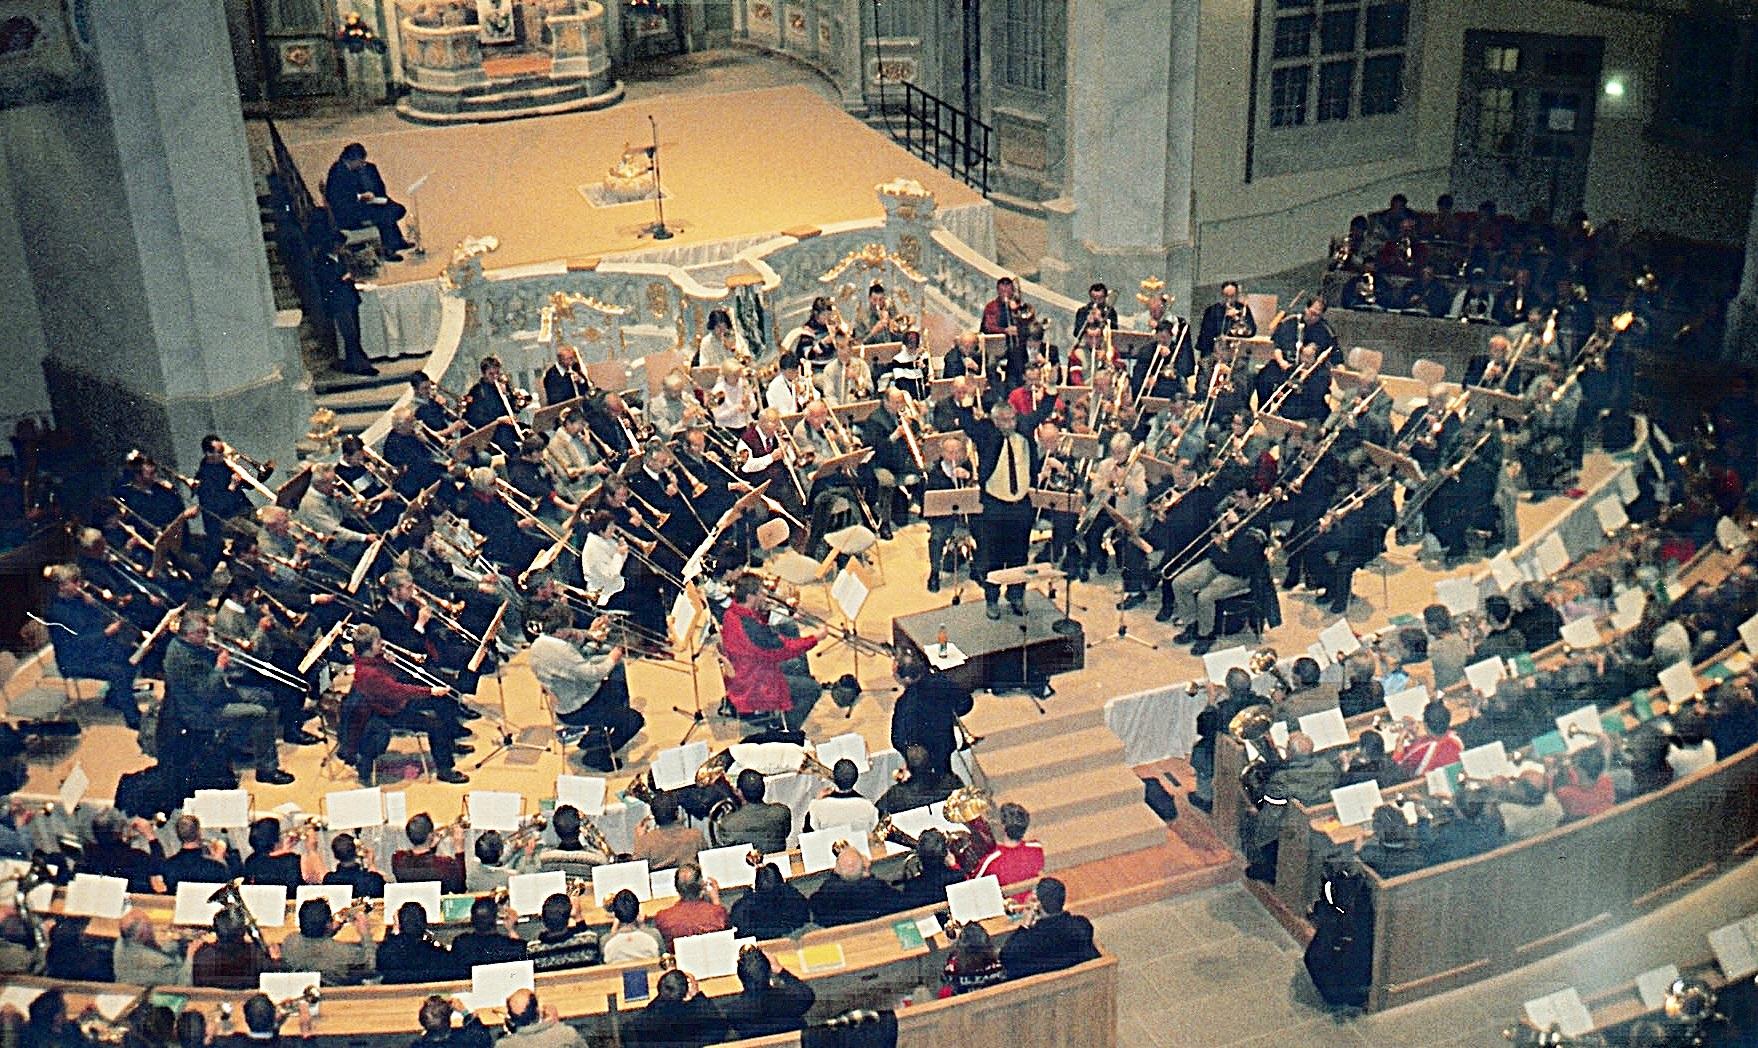 2005: Mitwirkung am 19. November bei der Wiedereinweihung der Dresdner Frauenkirche